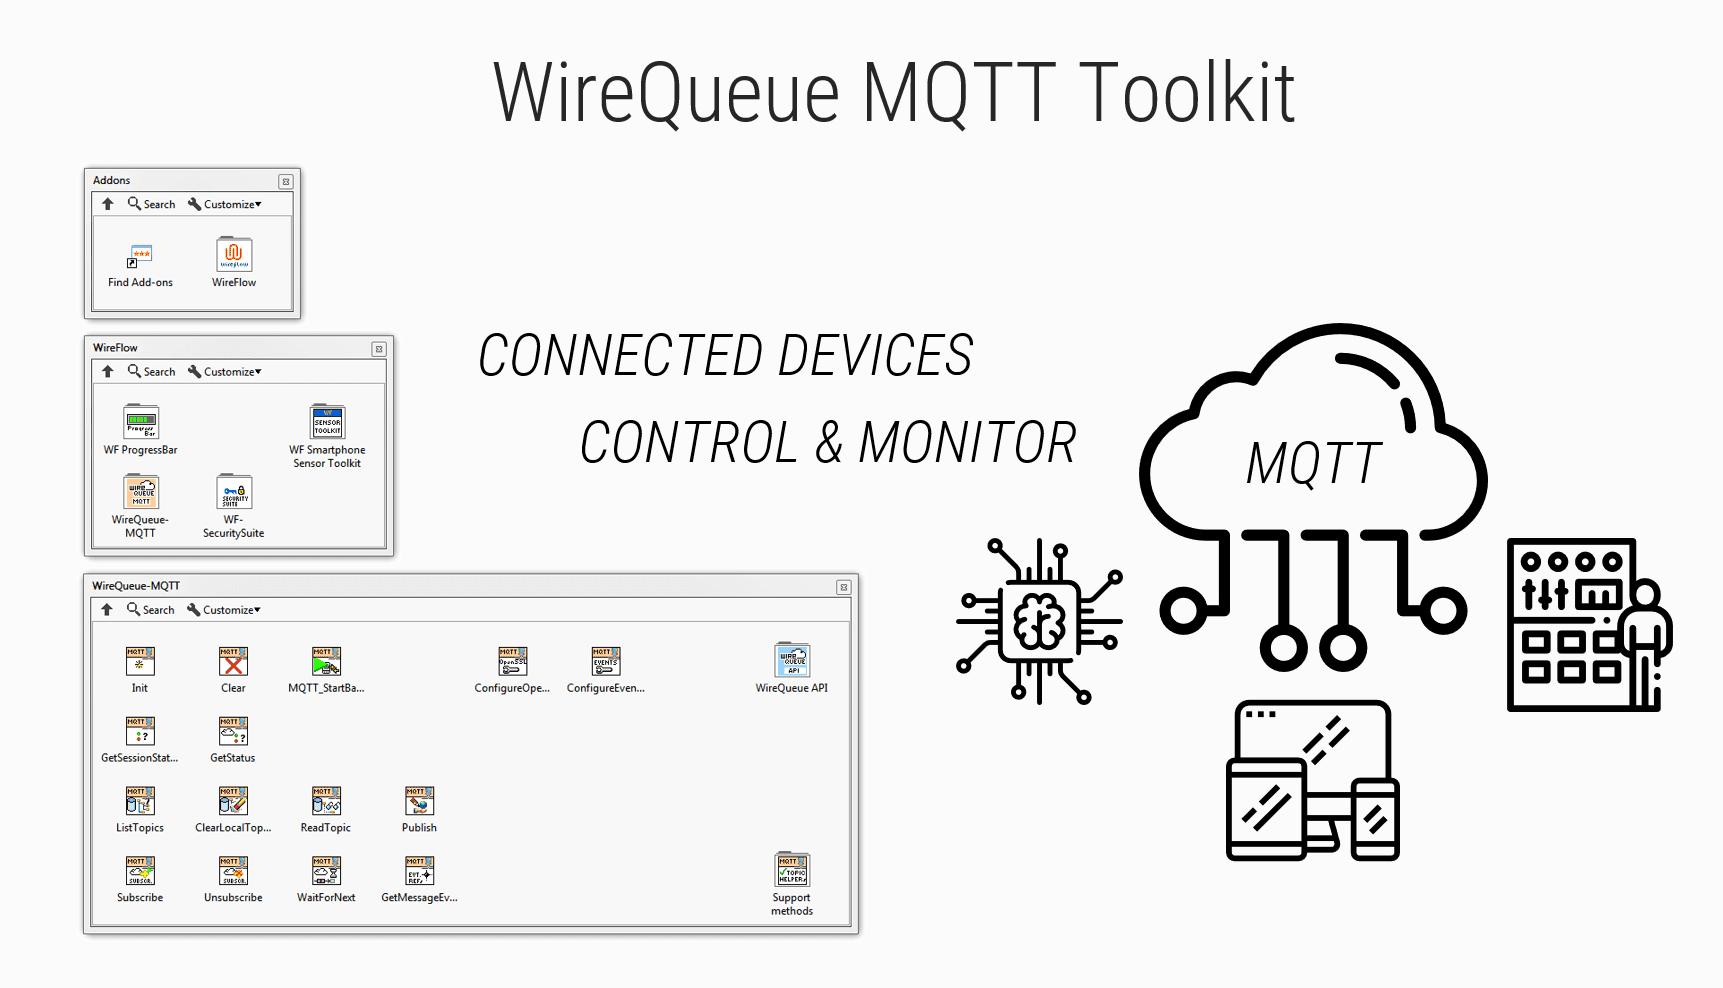 WireQueue MQTT Toolkit